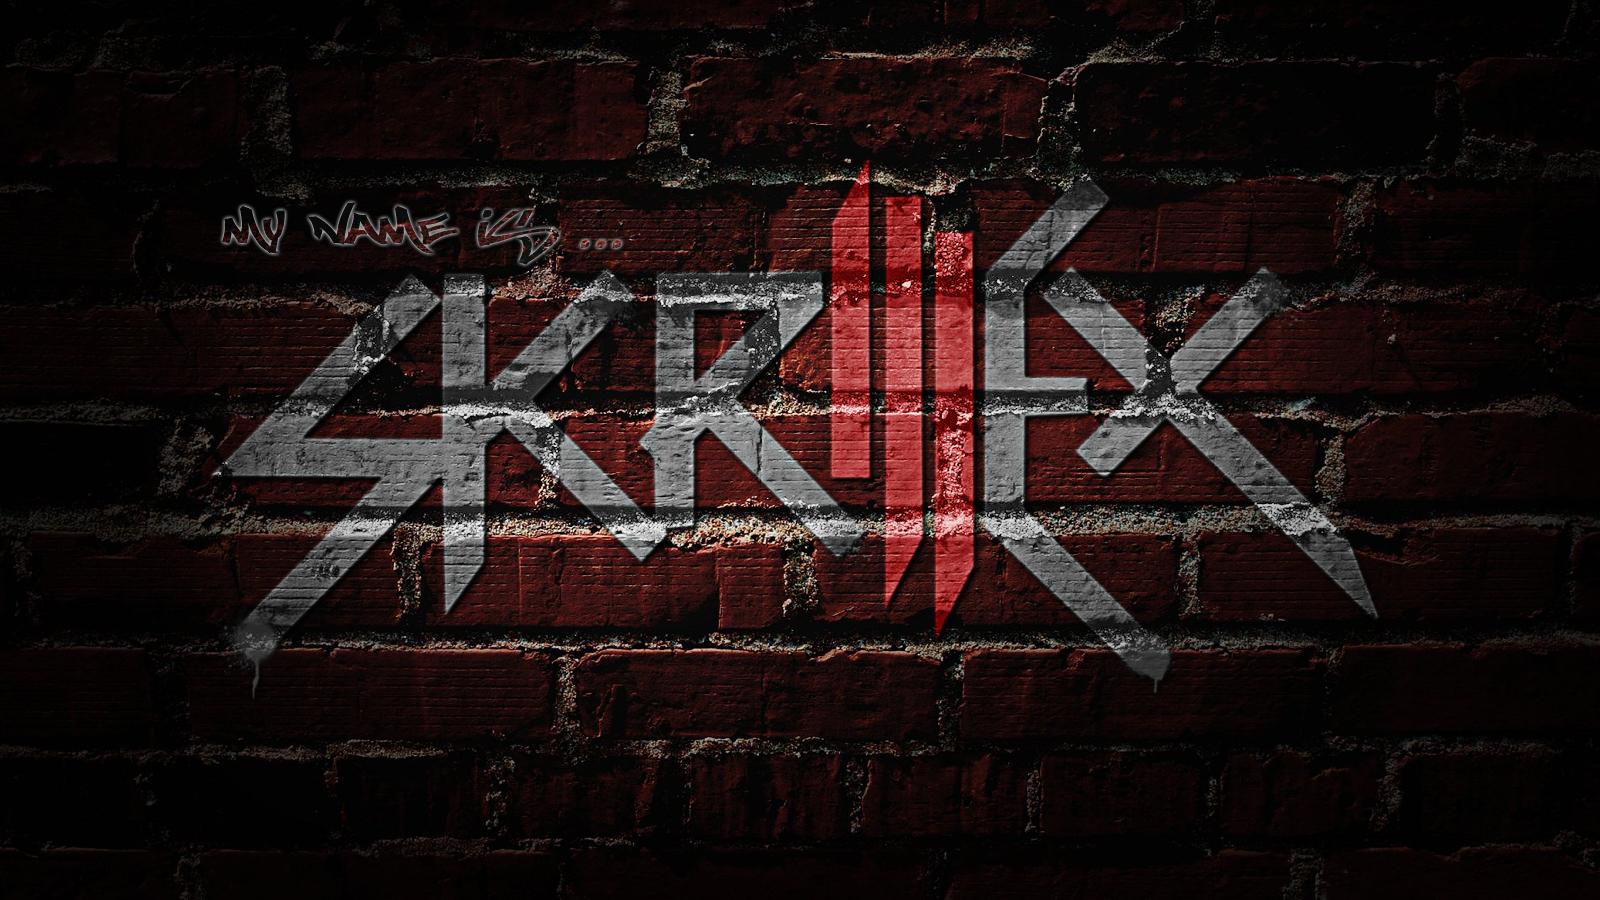 Skrillex Wallpapers Full HD 1080   Taringa 1600x900